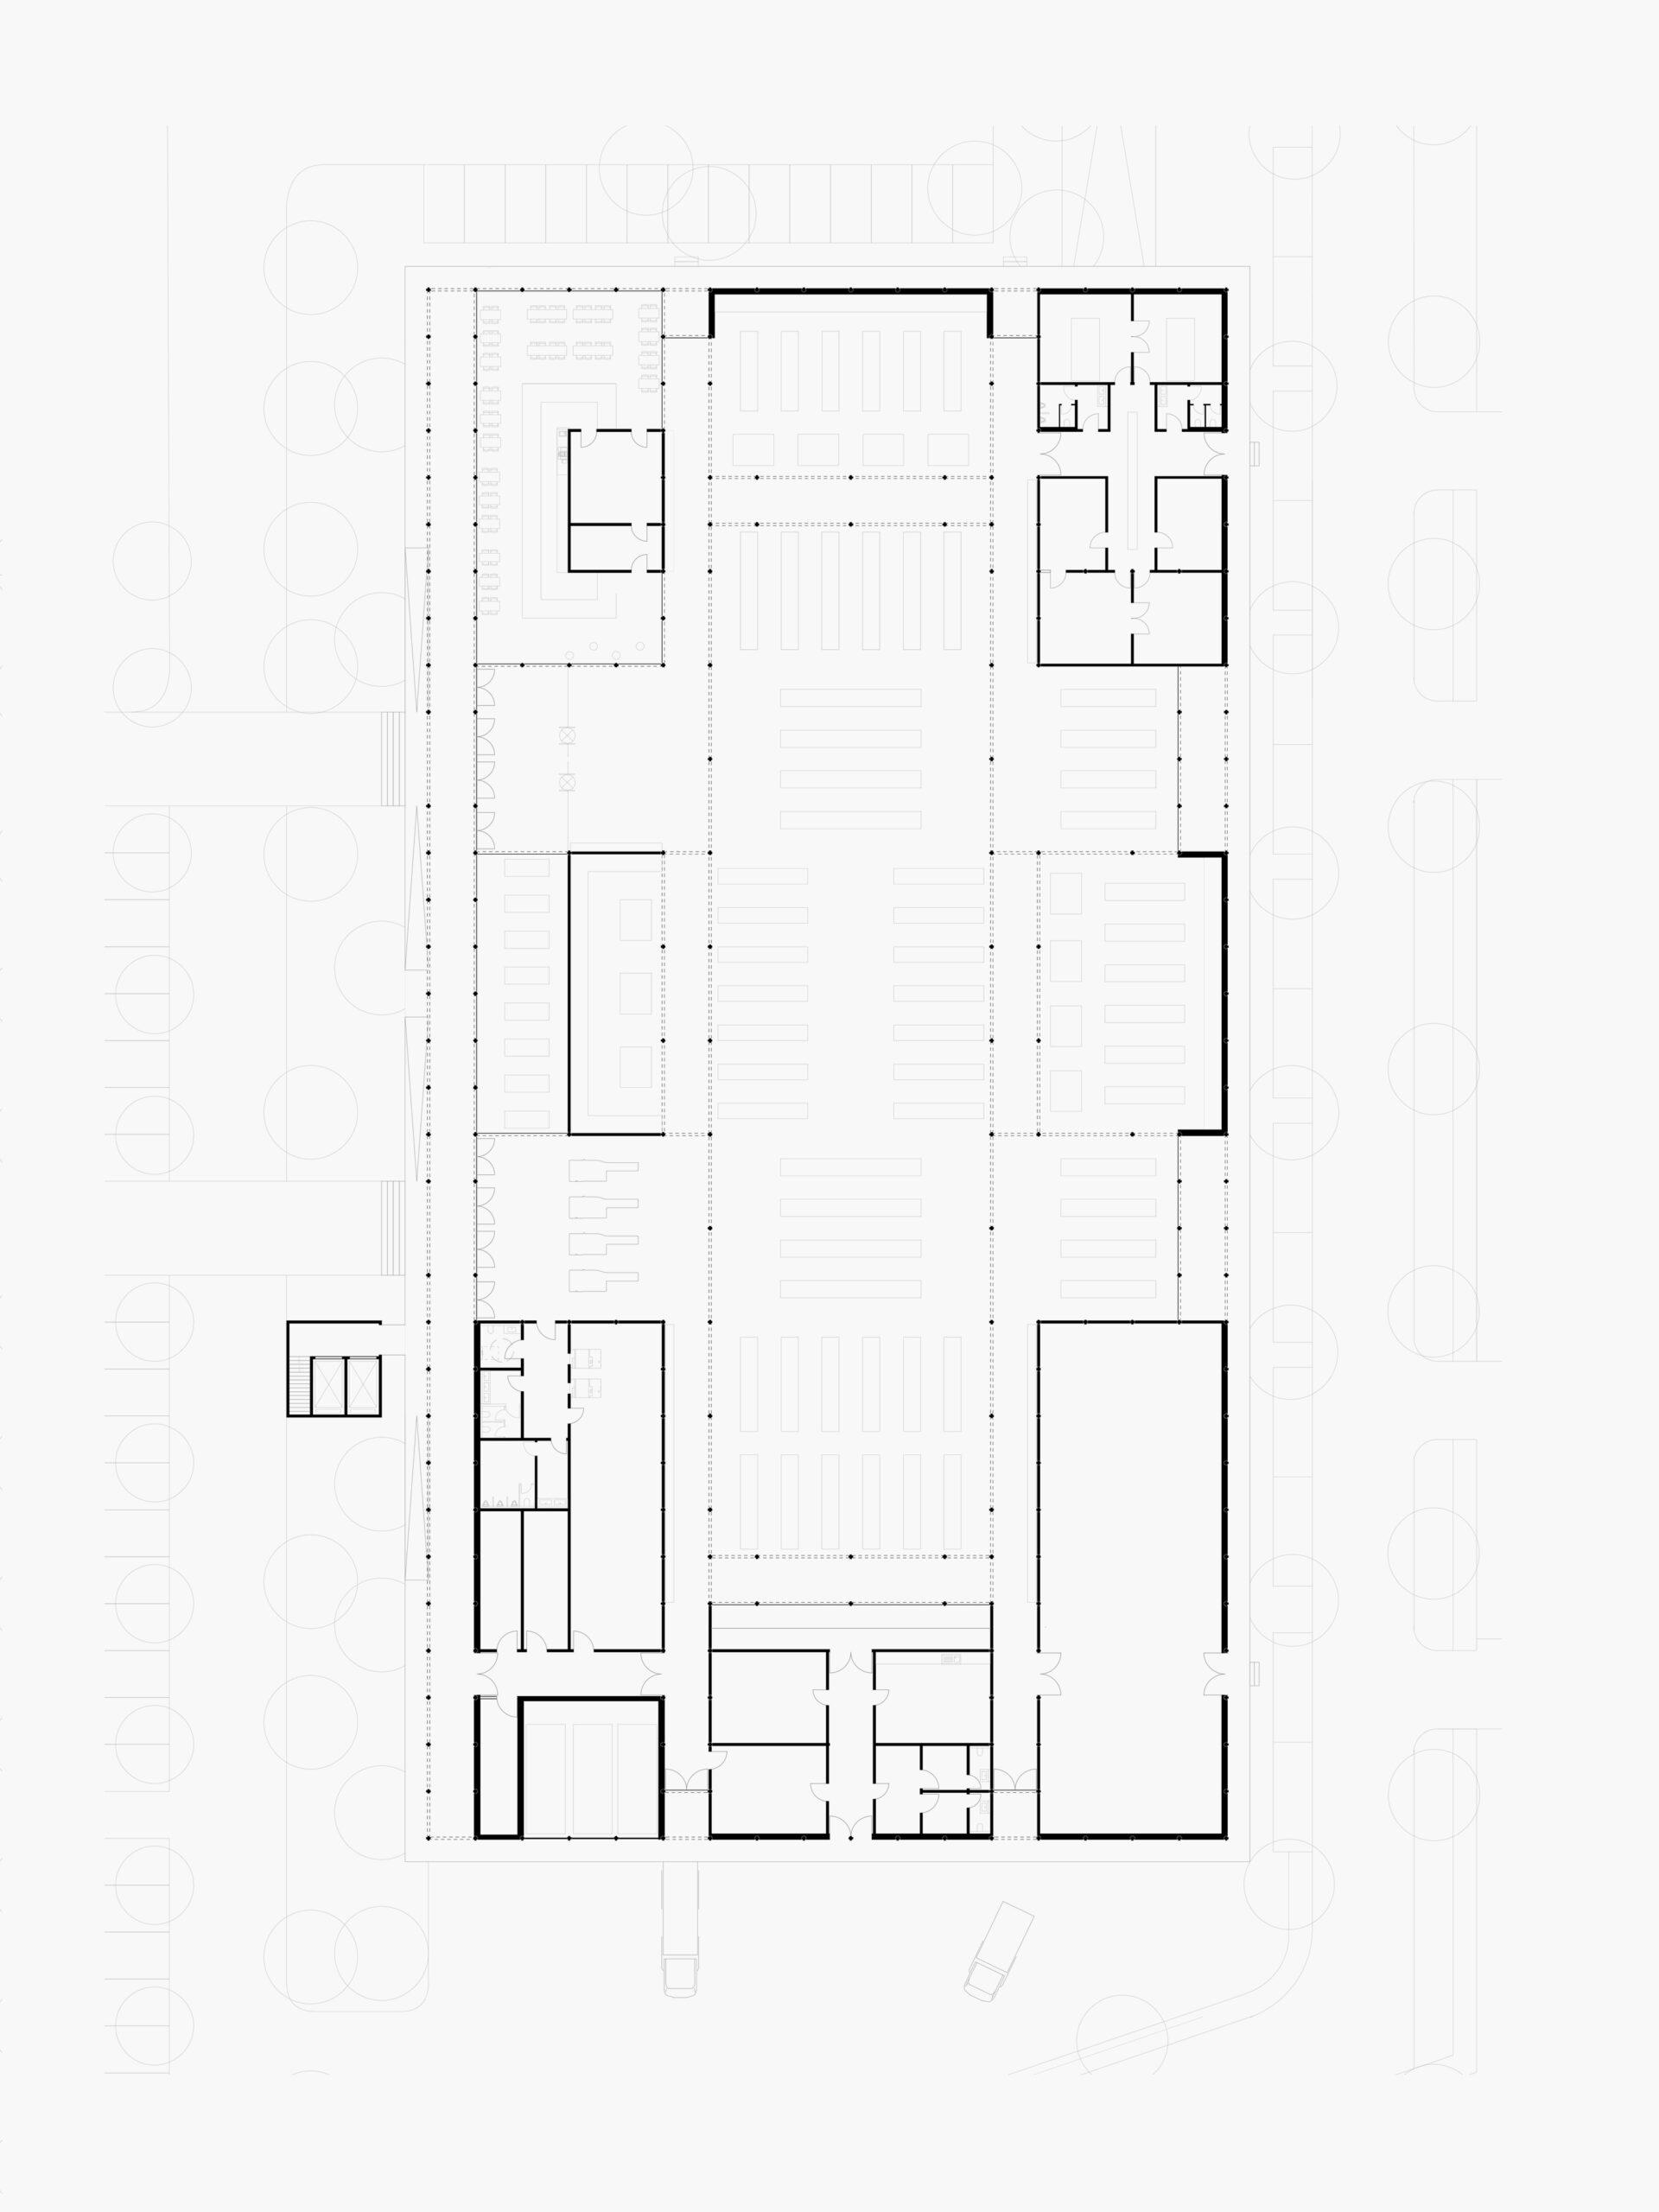 Michael-Becker-Architects-Architekten-Verbrauchermarkt-Rottenburg-Grundriss-EG